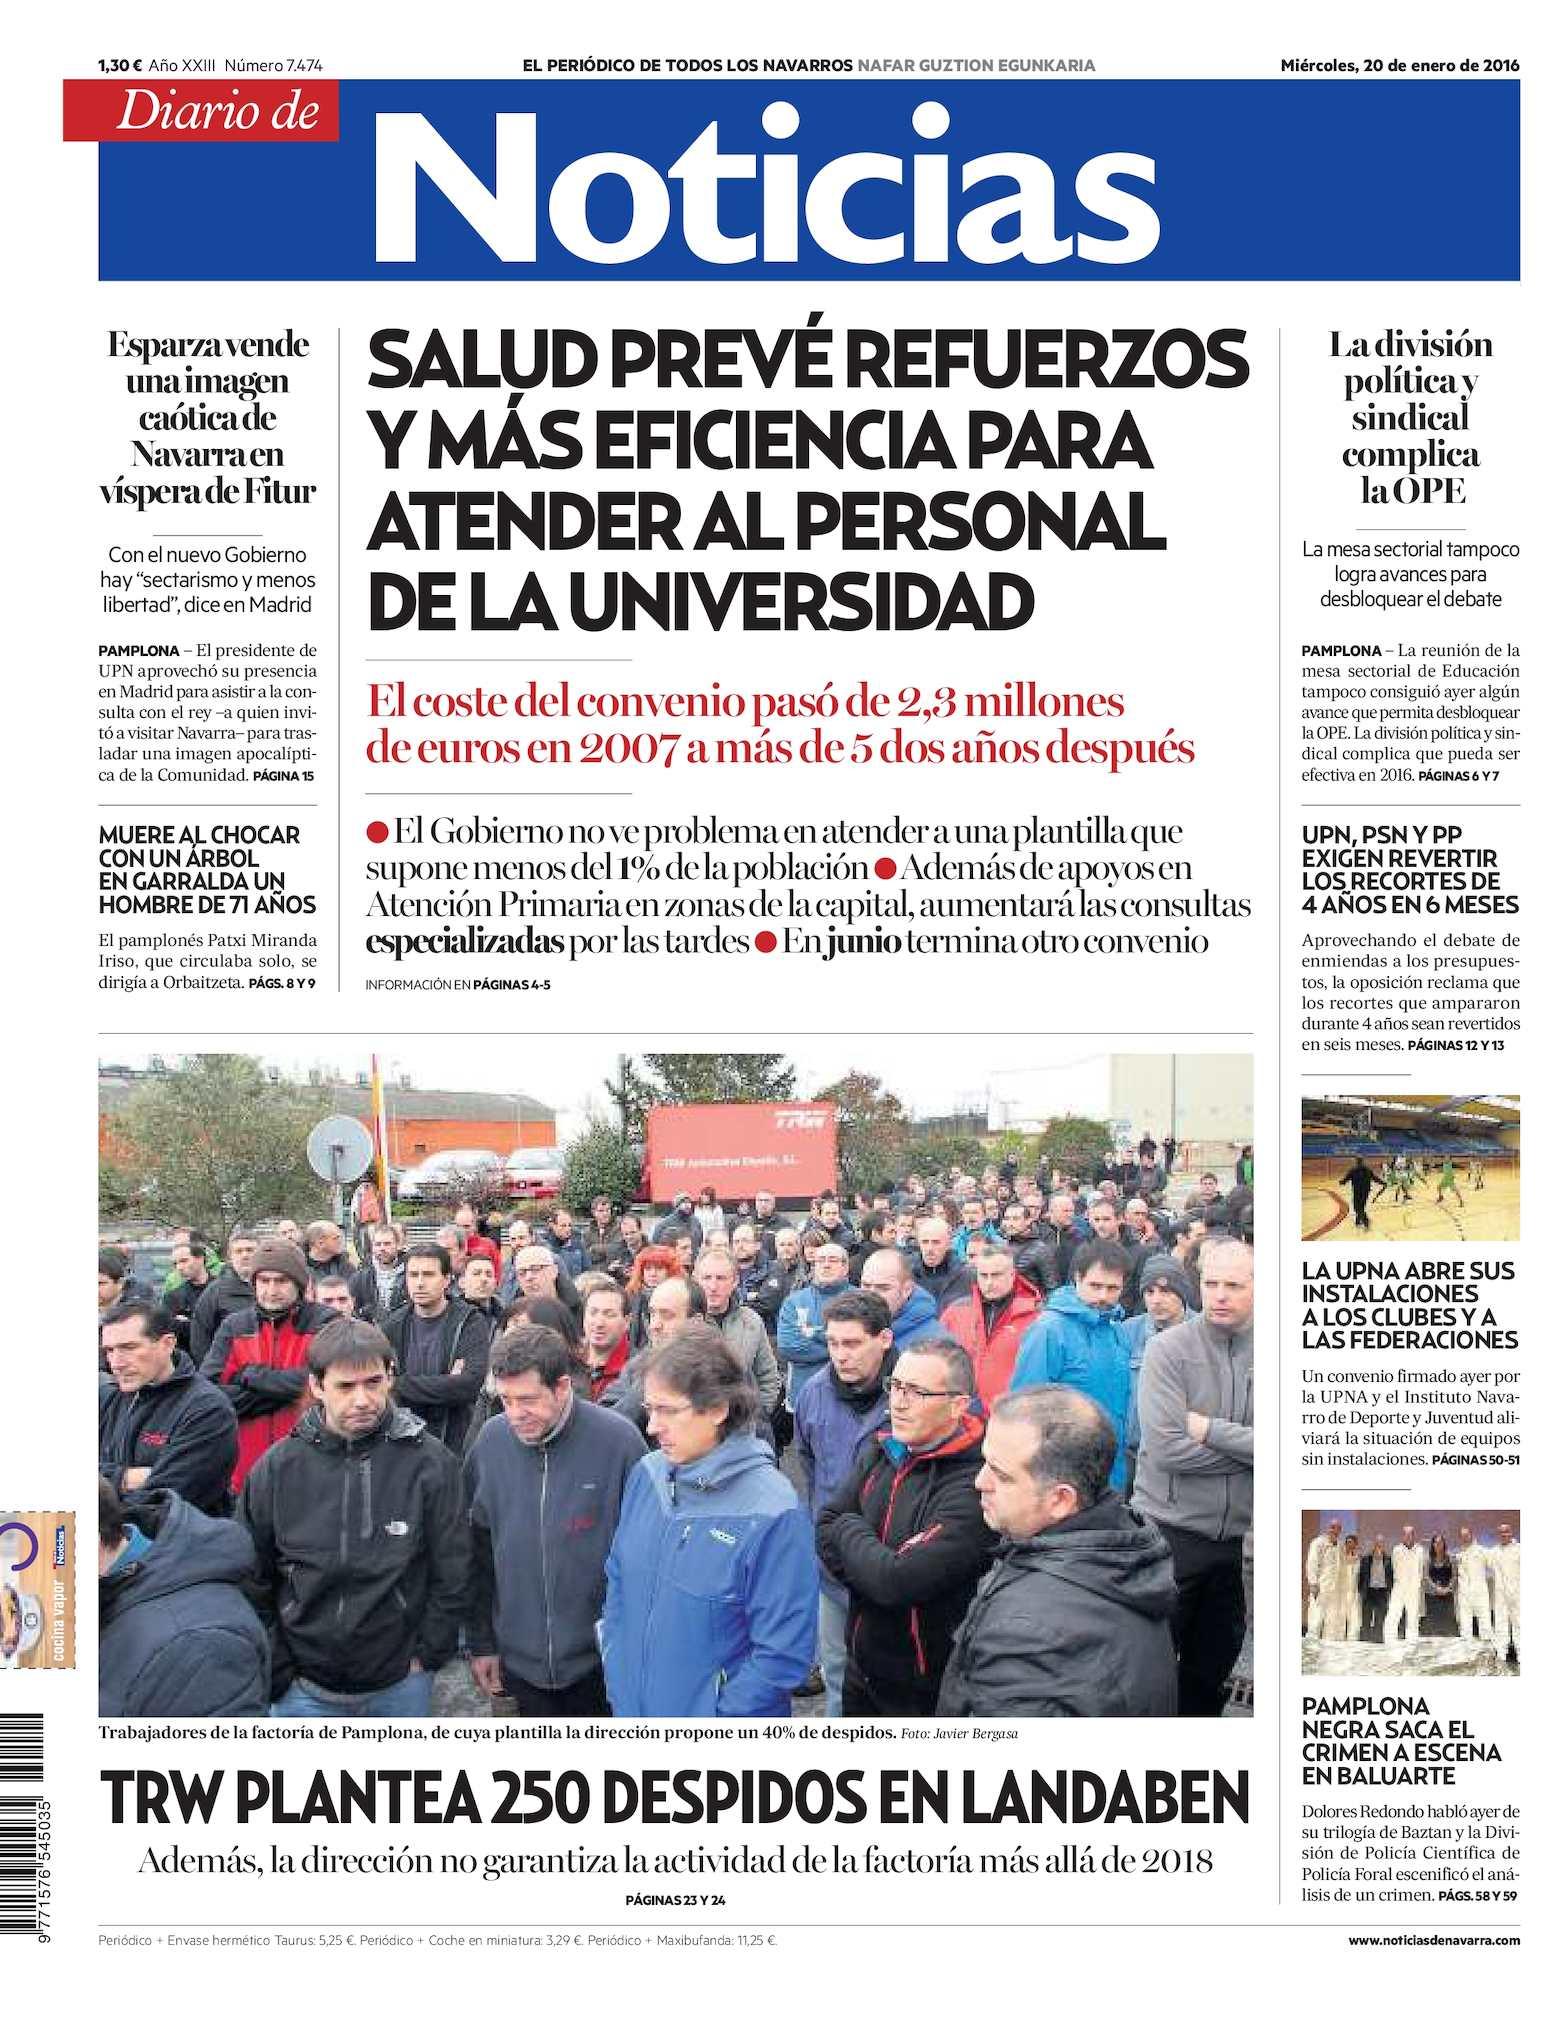 Calaméo Diario De Noticias 20160120